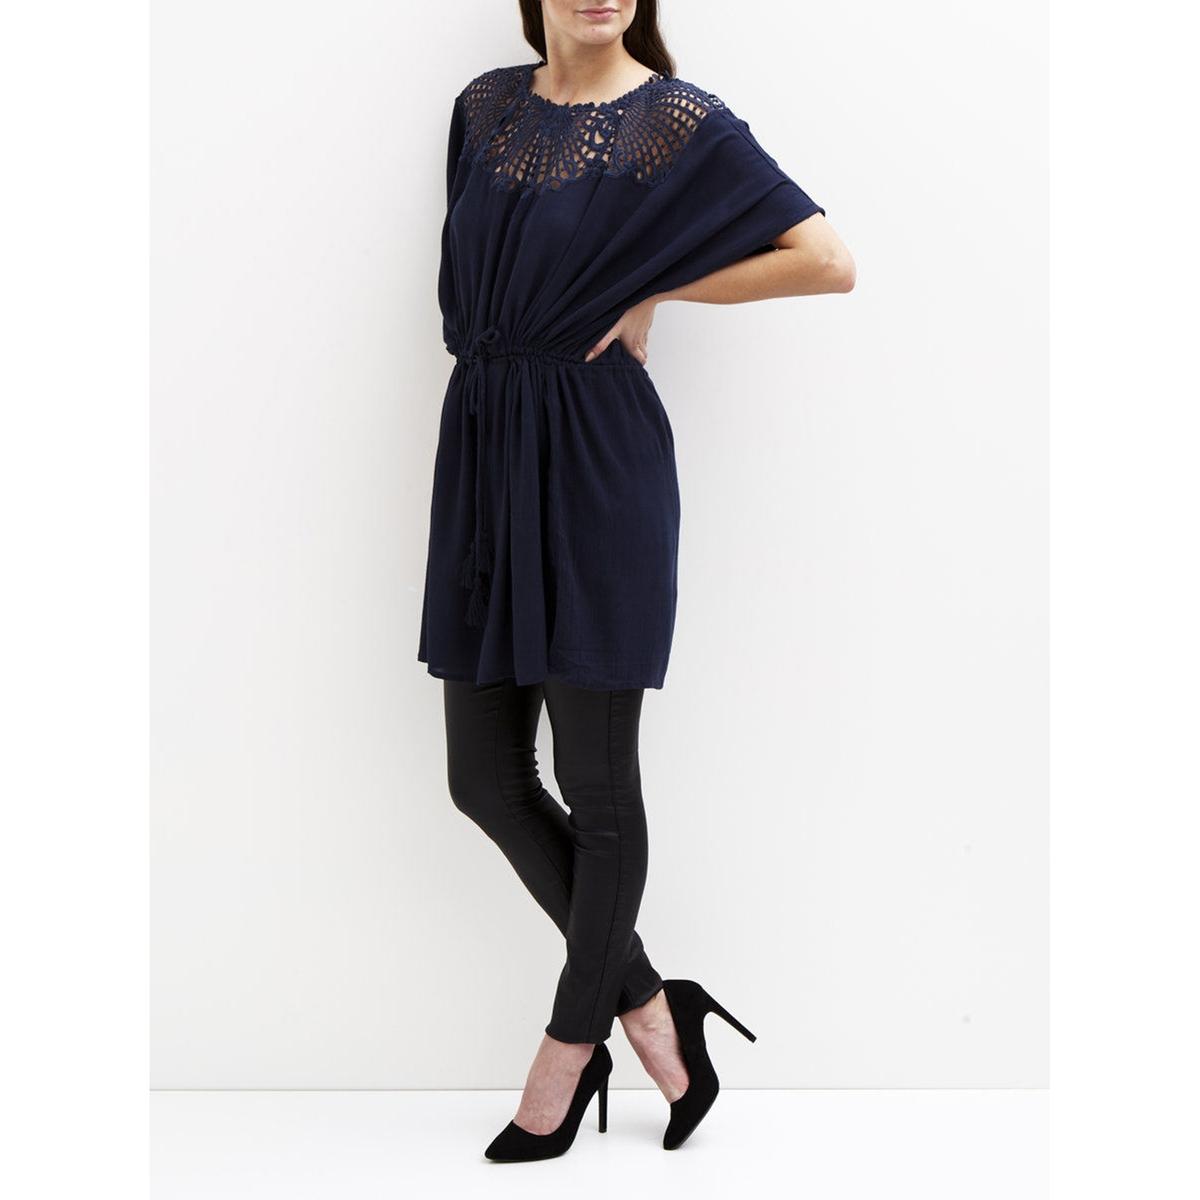 Платье с короткими рукавами и вышивкой, VILA VIBODOIR TUNICСостав и описание :Материал : 100% вискозыМарка : VILA<br><br>Цвет: синий морской<br>Размер: M.S